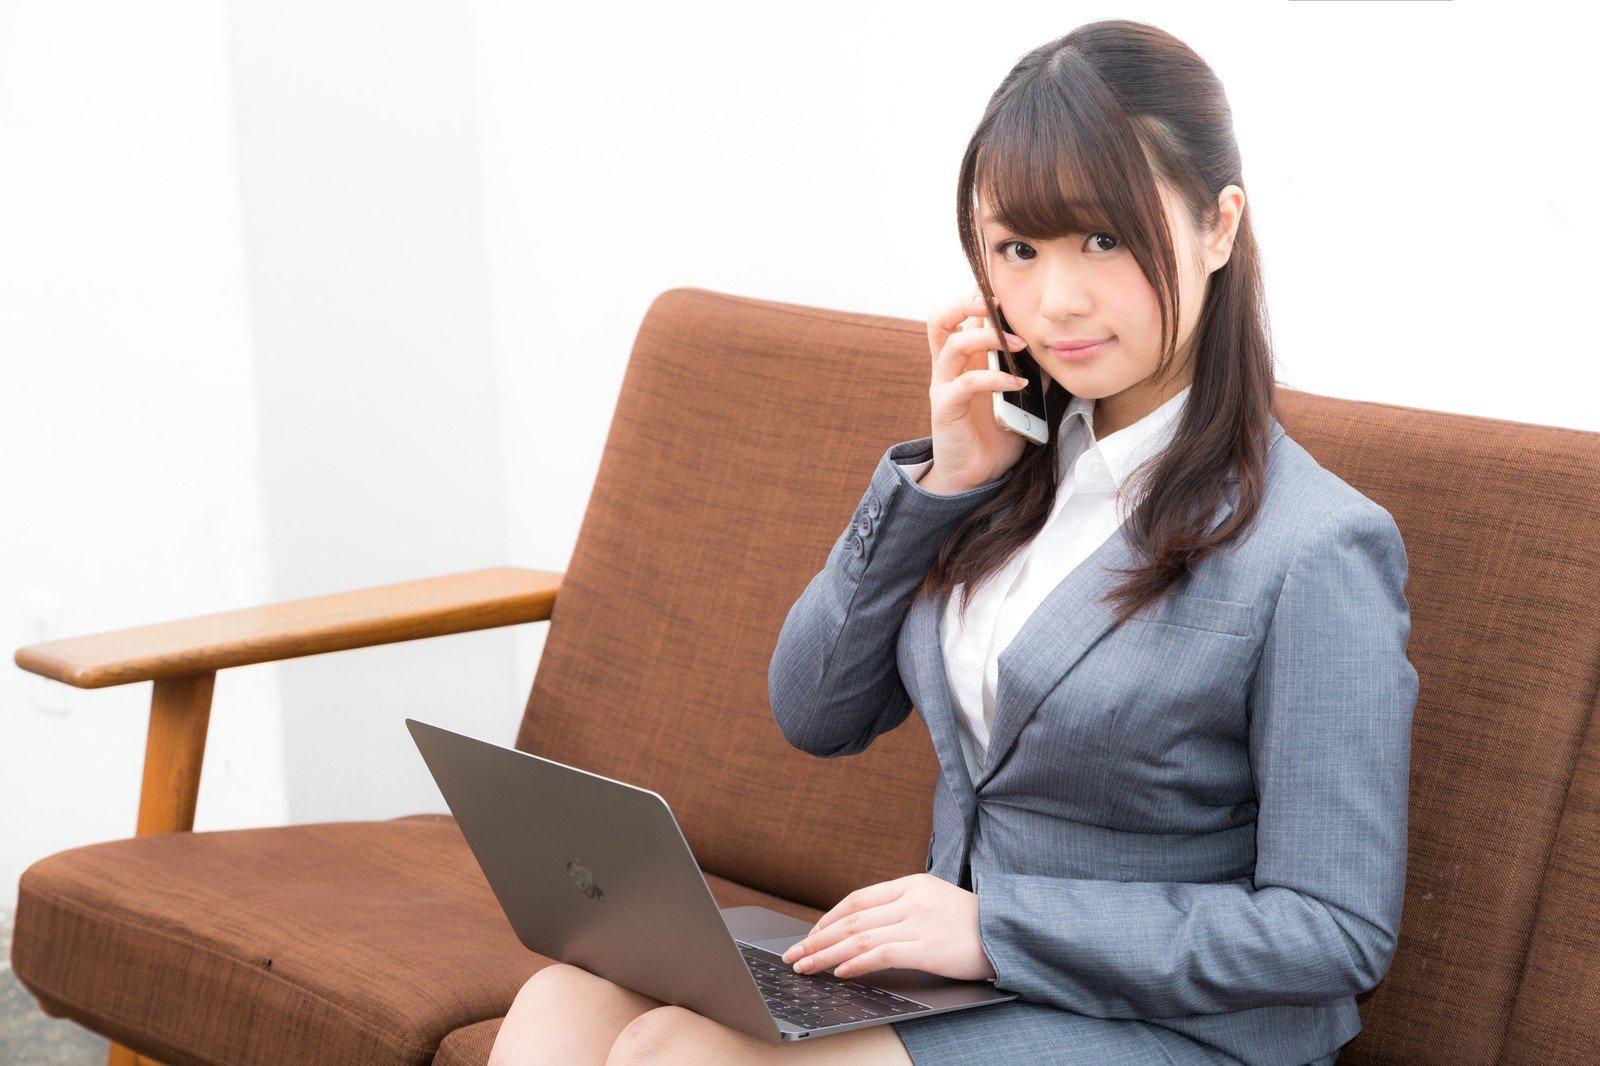 ビジネスでパソコンを使う女性